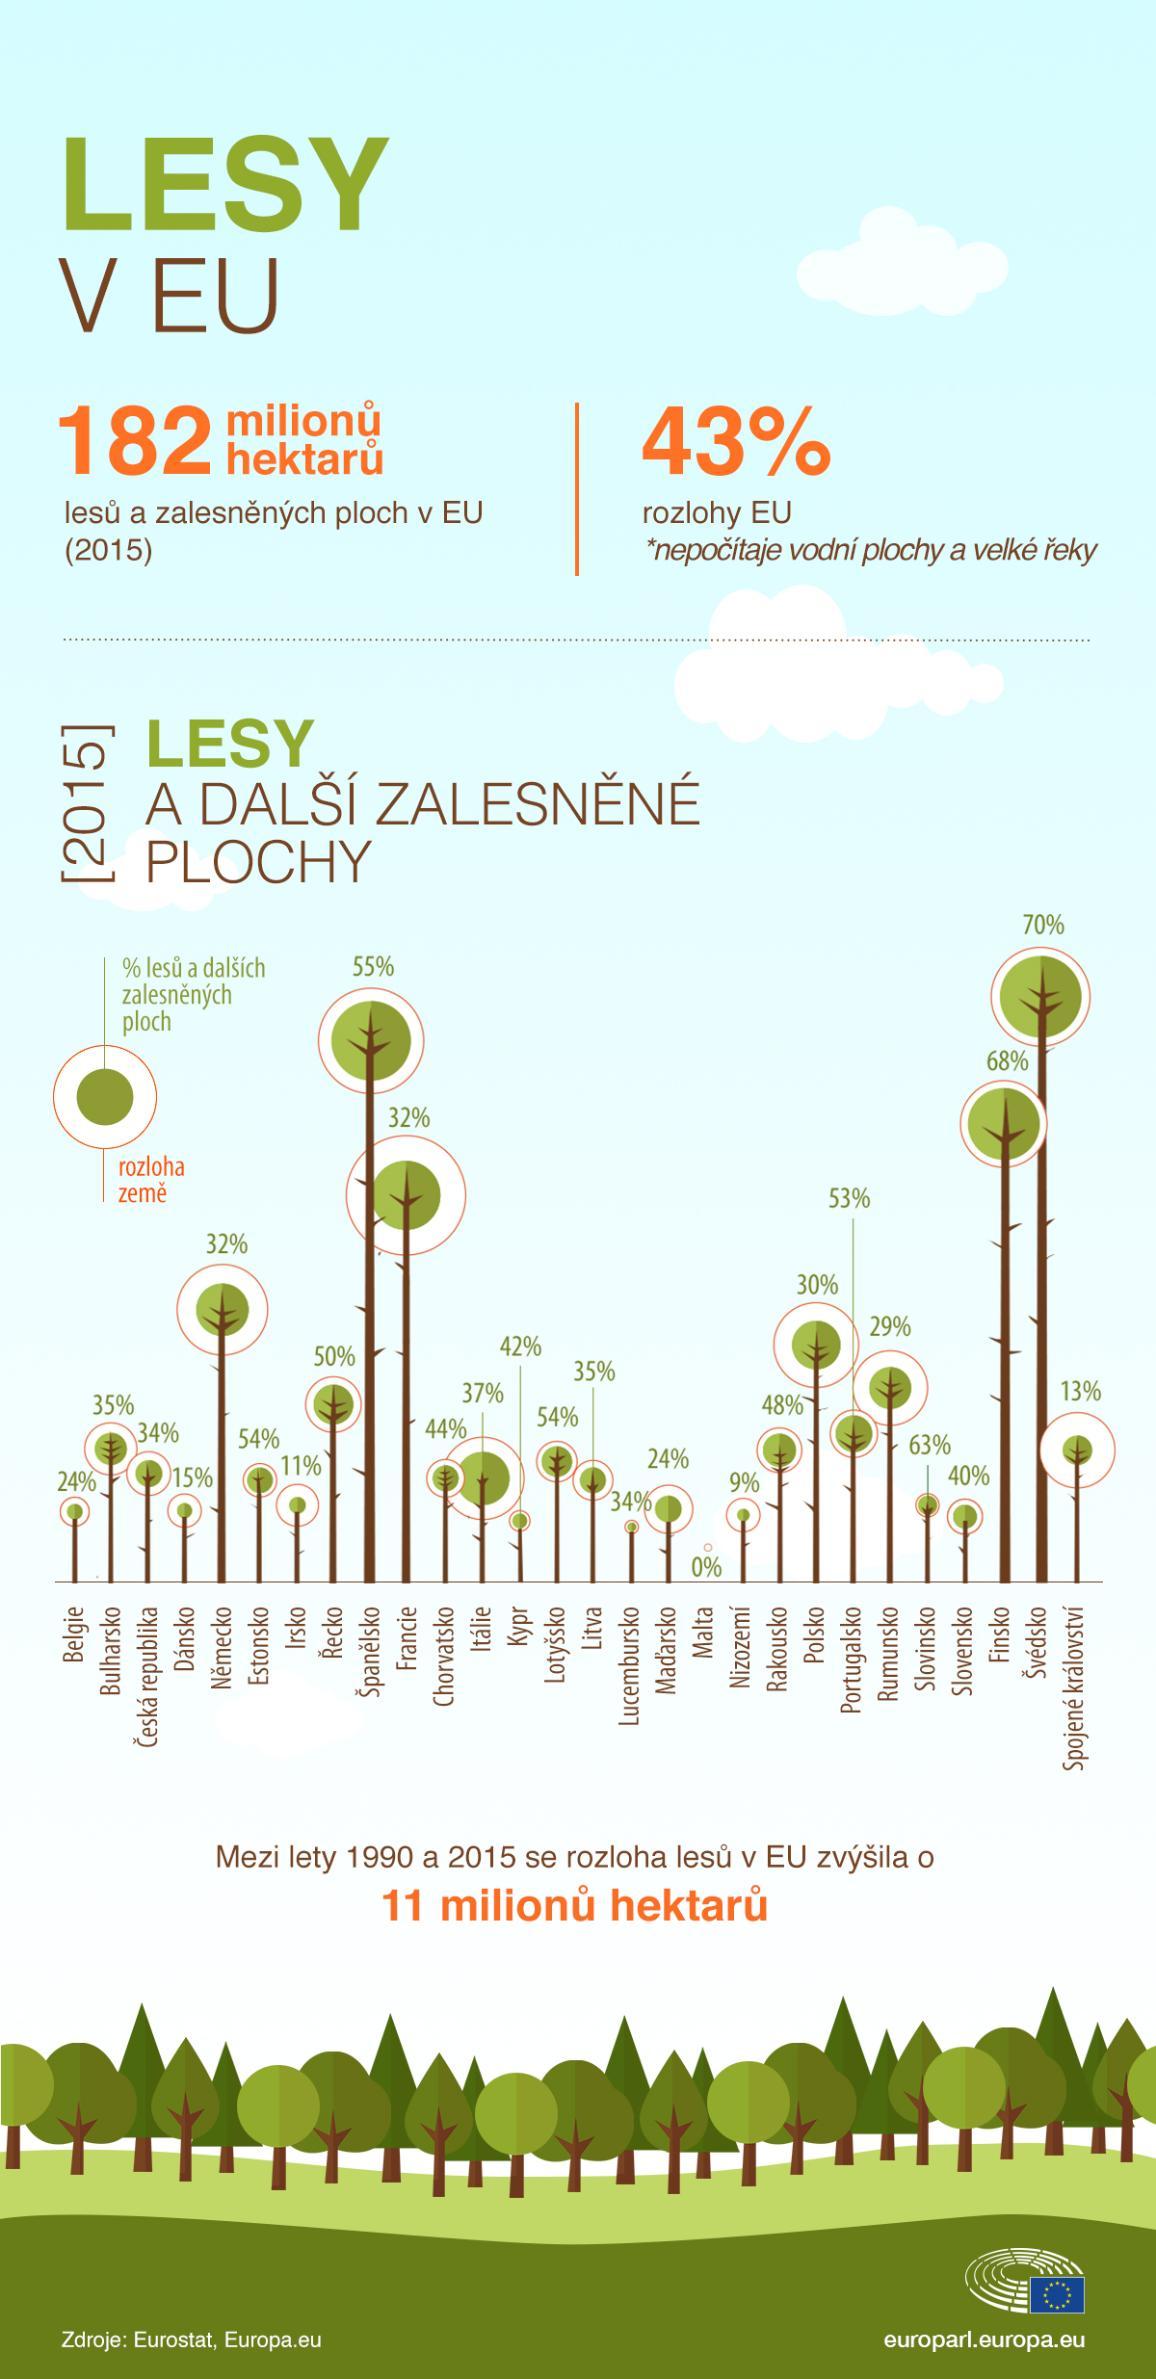 Infografika zobrazující různou intenzitu zalesnění v Evropě, lesy pomáhají vyvážit uhlíkové emise